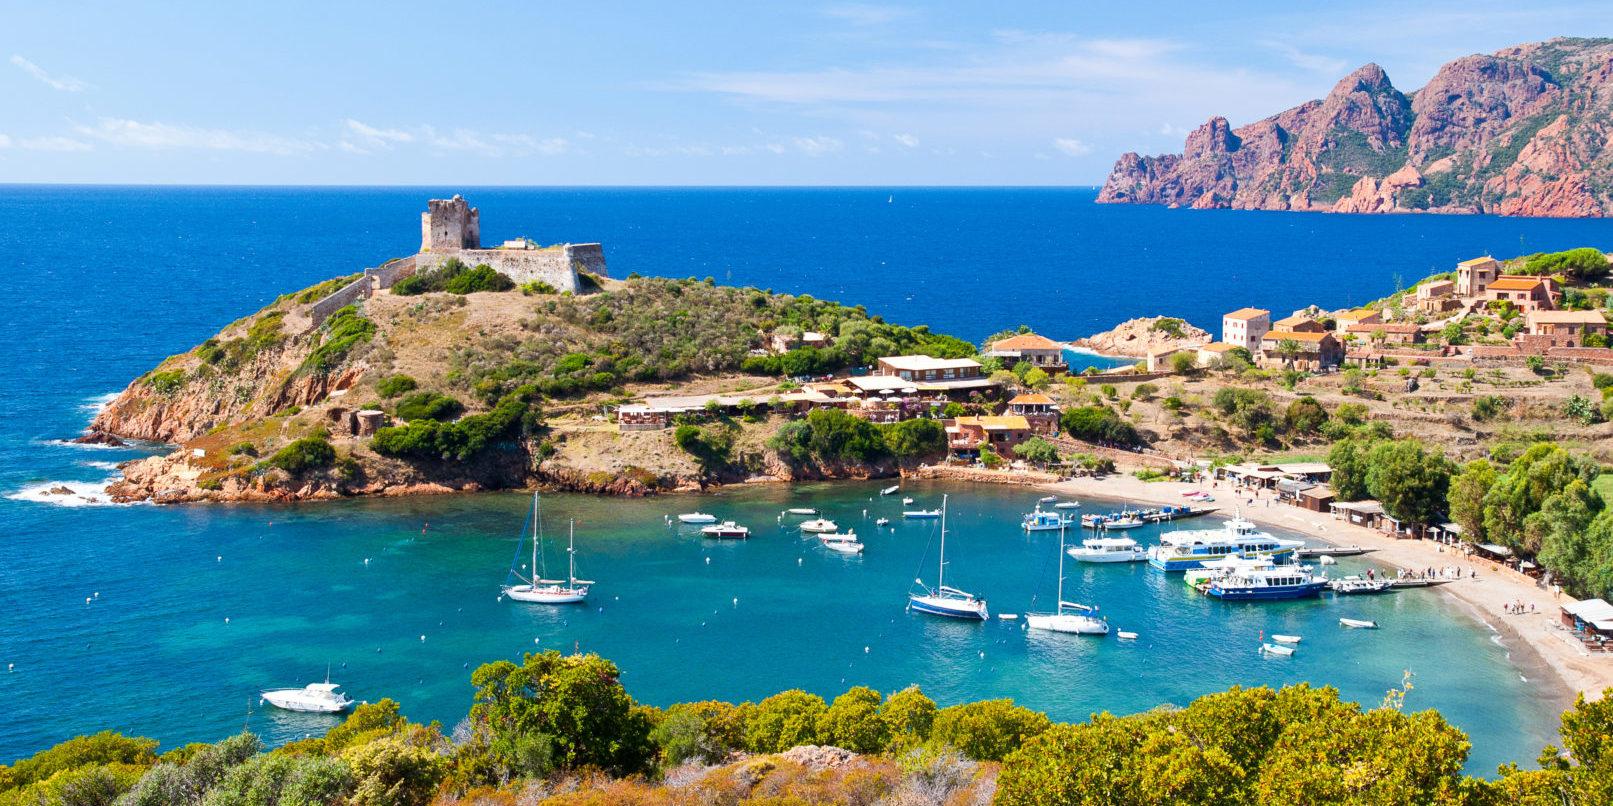 Girolata Scandola Corsica Frankrijk schiereiland baai haven boten zee rotsen